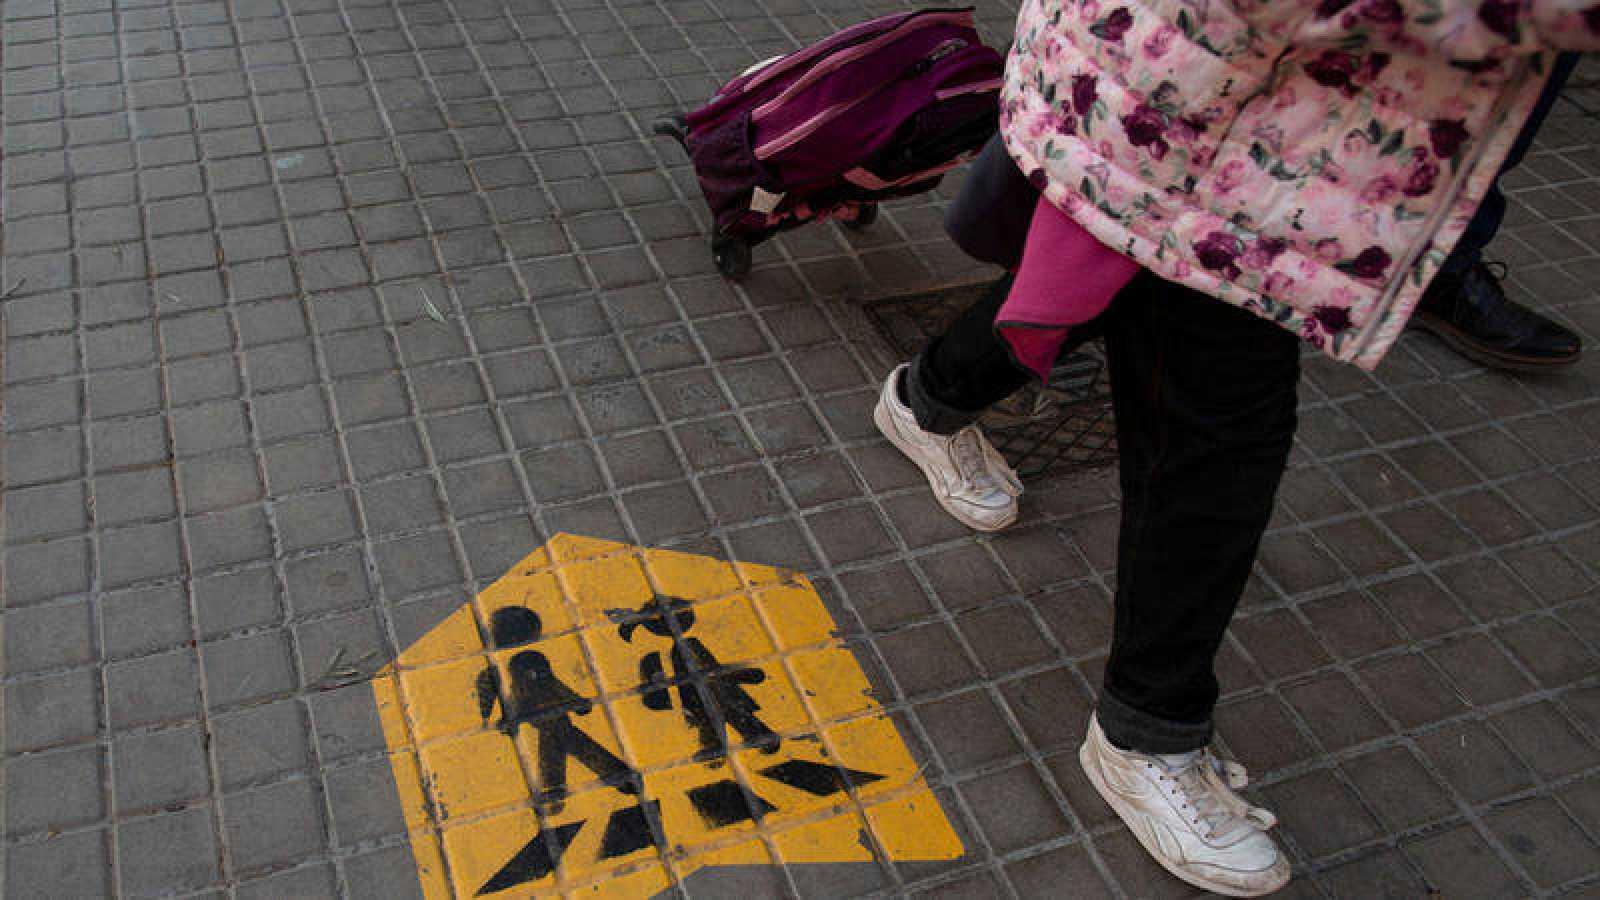 Niños caminando con mochila de ruedas.